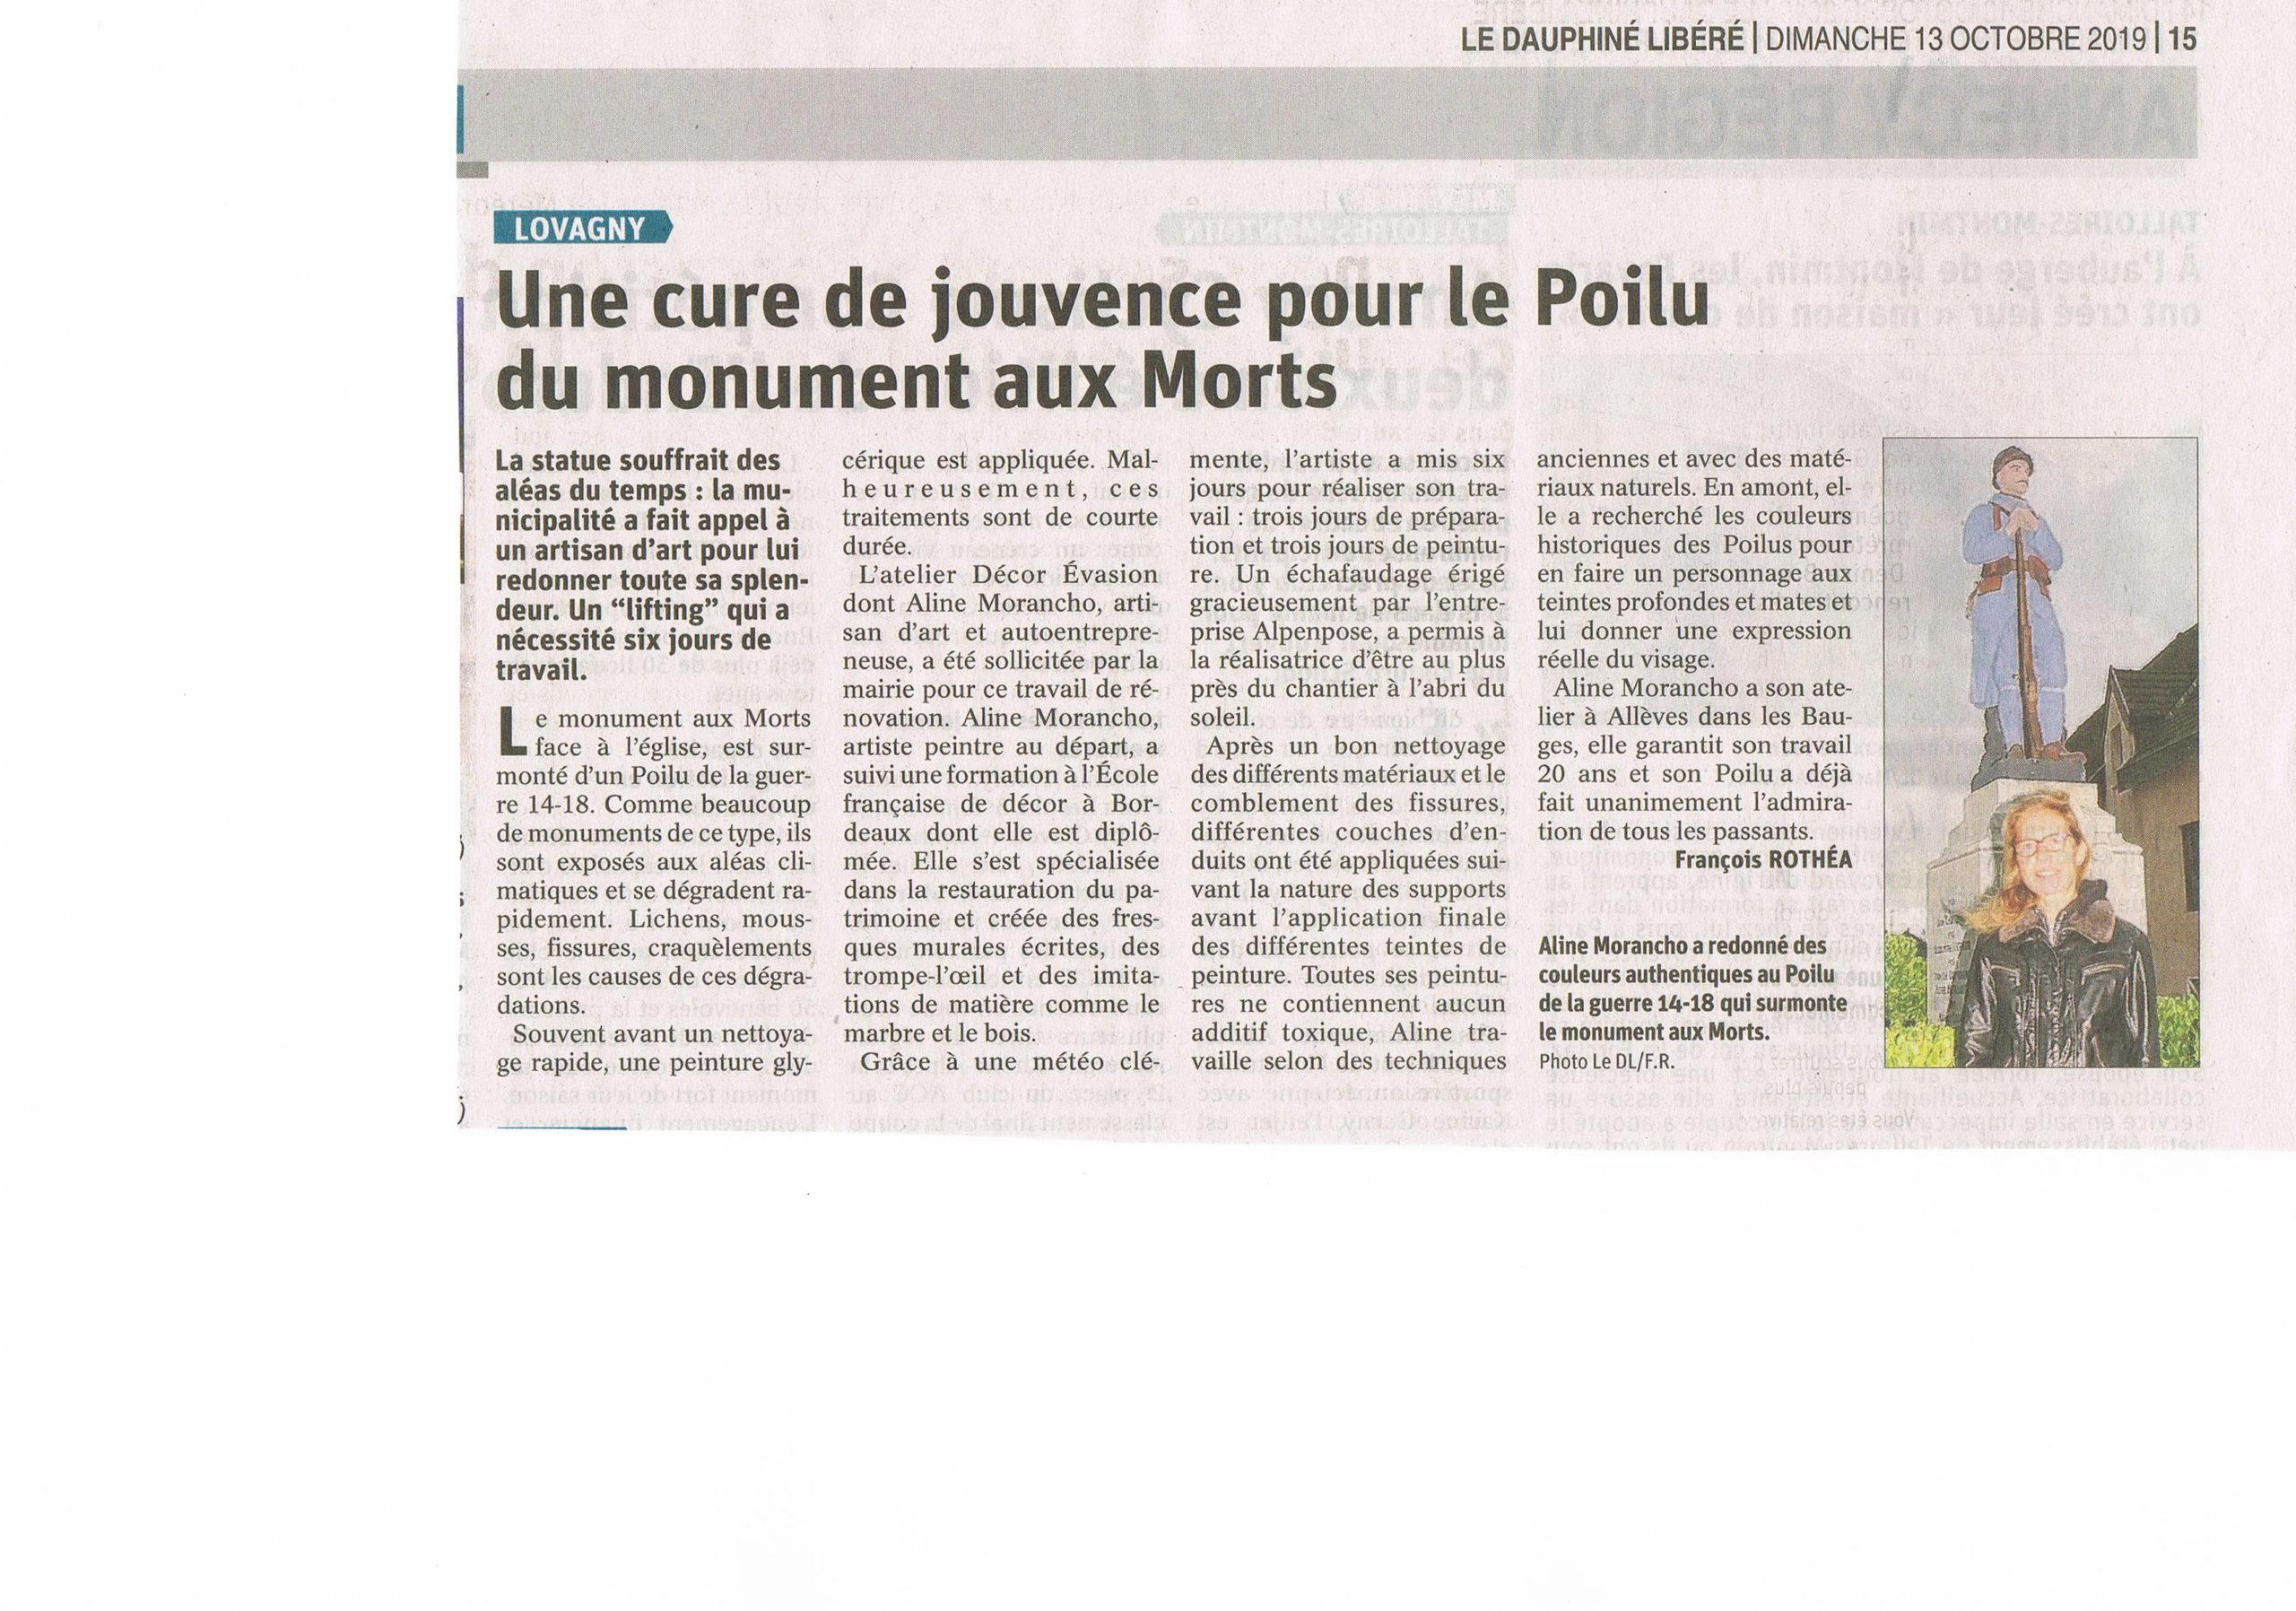 Article du Dauphiné sur la restauration du Poilu de Lovagny 74 - NOV 2019